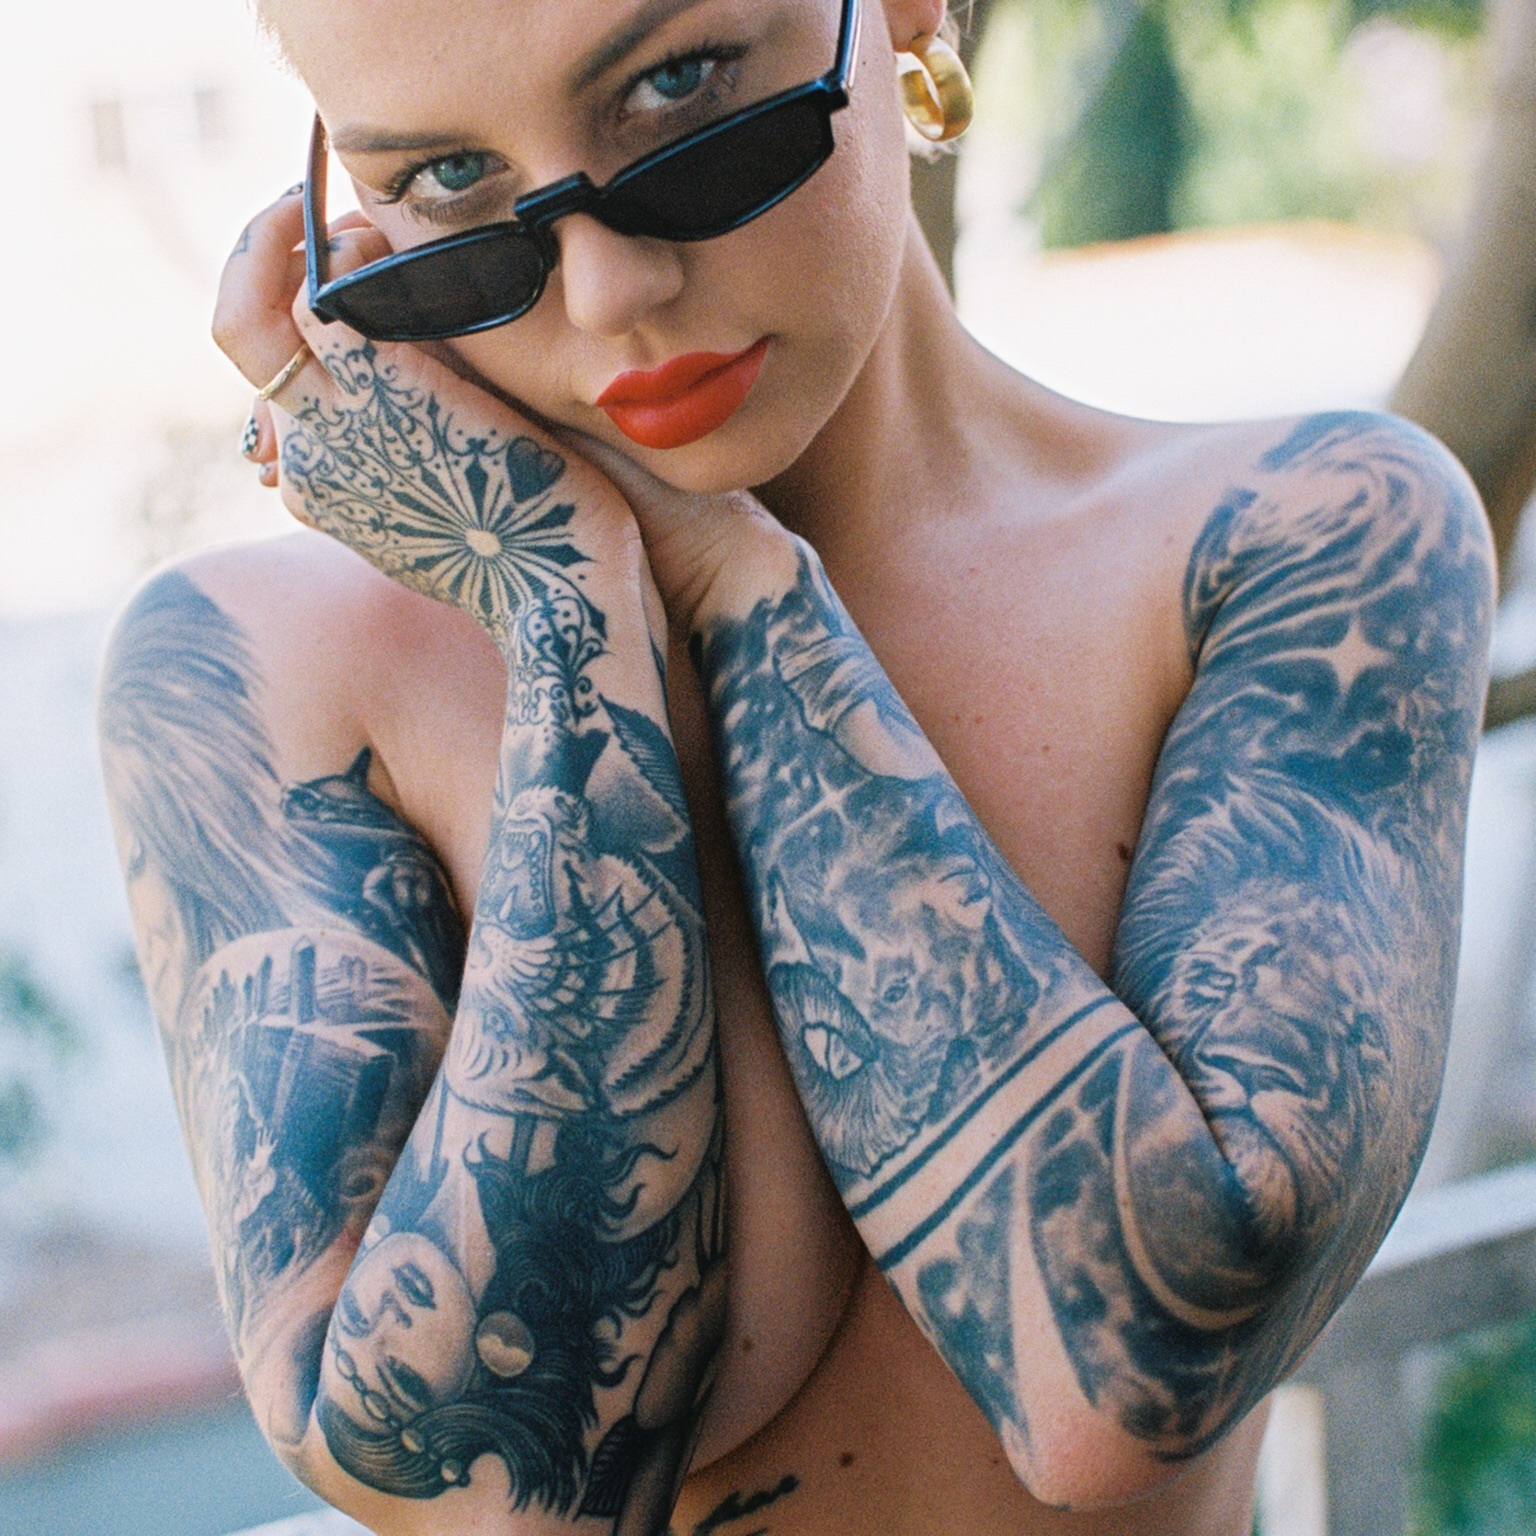 Samii Ryan